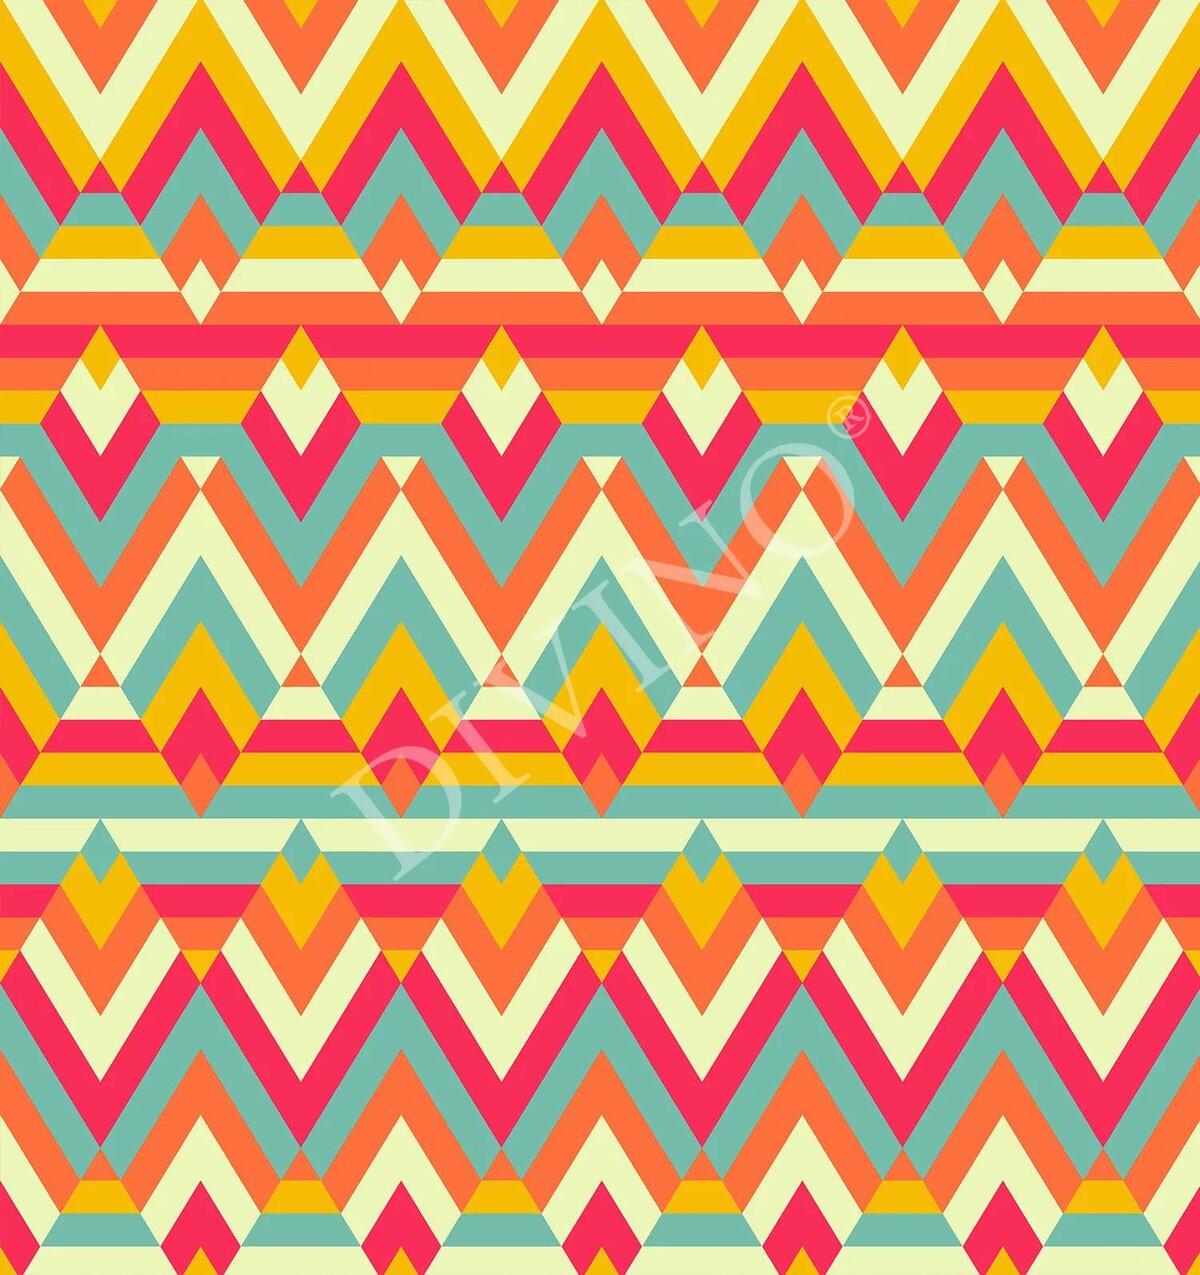 цветные геометрические узоры картинки знаете самые популярные